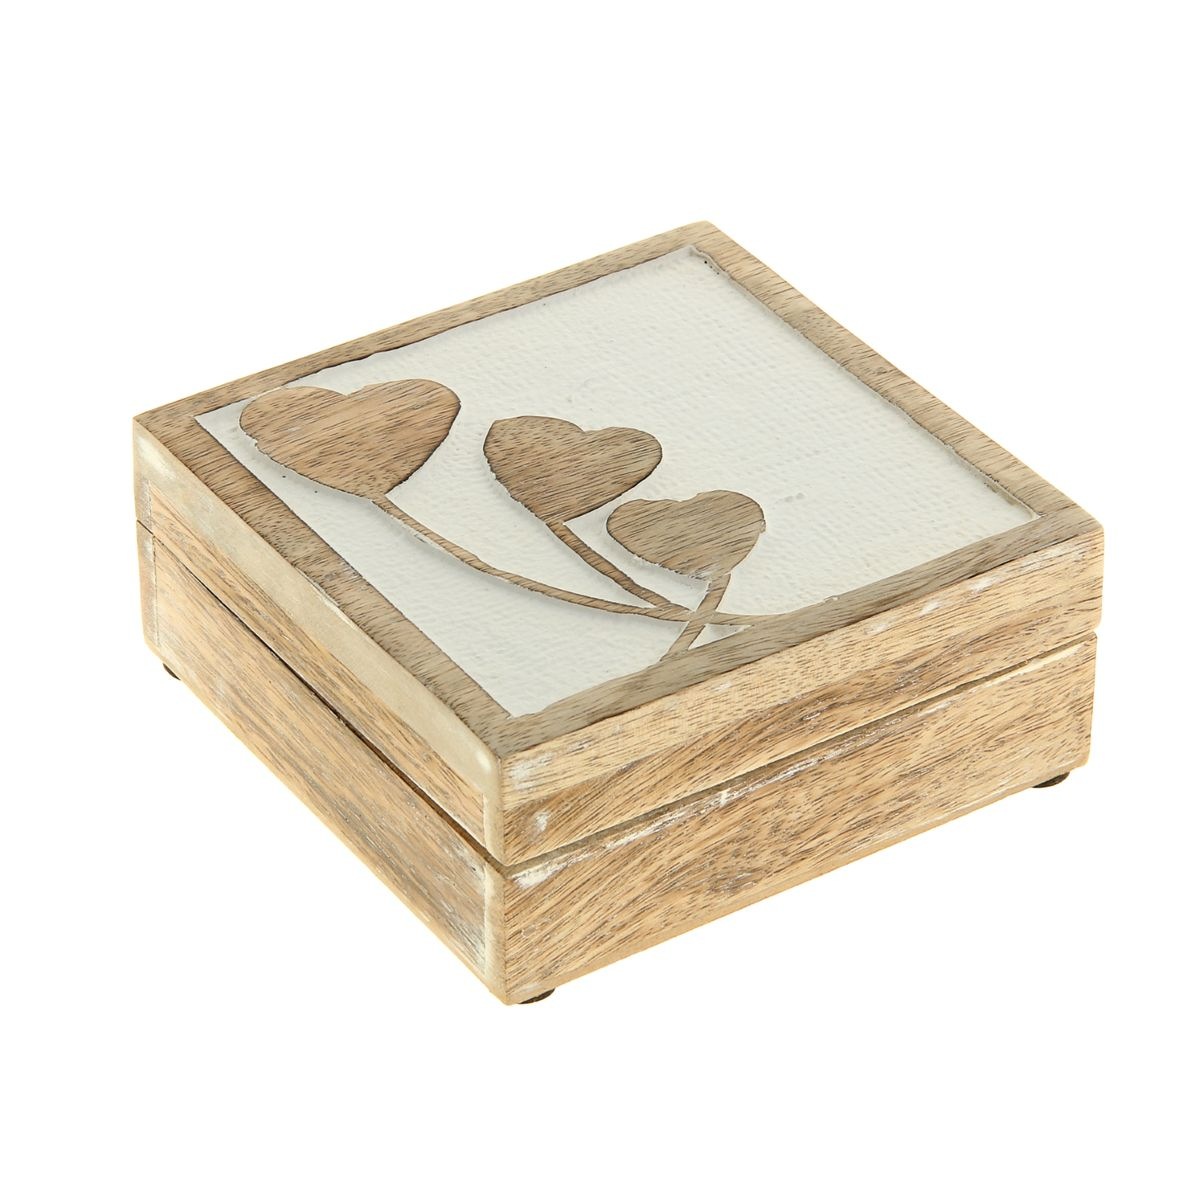 Шкатулка Sima-land Романтика, 13 см х 13 см х 5,5 см839534Шкатулка Sima-land Романтика изготовлена из дерева - натурального материала, словно пропитанного теплом яркого солнца. Крышка украшена узором. Внутри одно отделение.Такая шкатулка - не простой сувенир. Ее функция не только декоративная, но и сугубо практическая - служить удобным и надежным местом для хранения самых разных мелочей. Разумеется, особо неравнодушны к этим элегантным предметам интерьера женщины. Мастерицы кладут в шкатулки швейные и рукодельные принадлежности. Модницы и светские львицы - любимые украшения и аксессуары. И, конечно, многие представительницы прекрасного пола хранят в шкатулках, убранных в укромный уголок, какие-то памятные знаки: фотографии, старые письма, сувениры, напоминающие о важных событиях и особо счастливых моментах, сухие лепестки роз и другие небольшие сокровища.